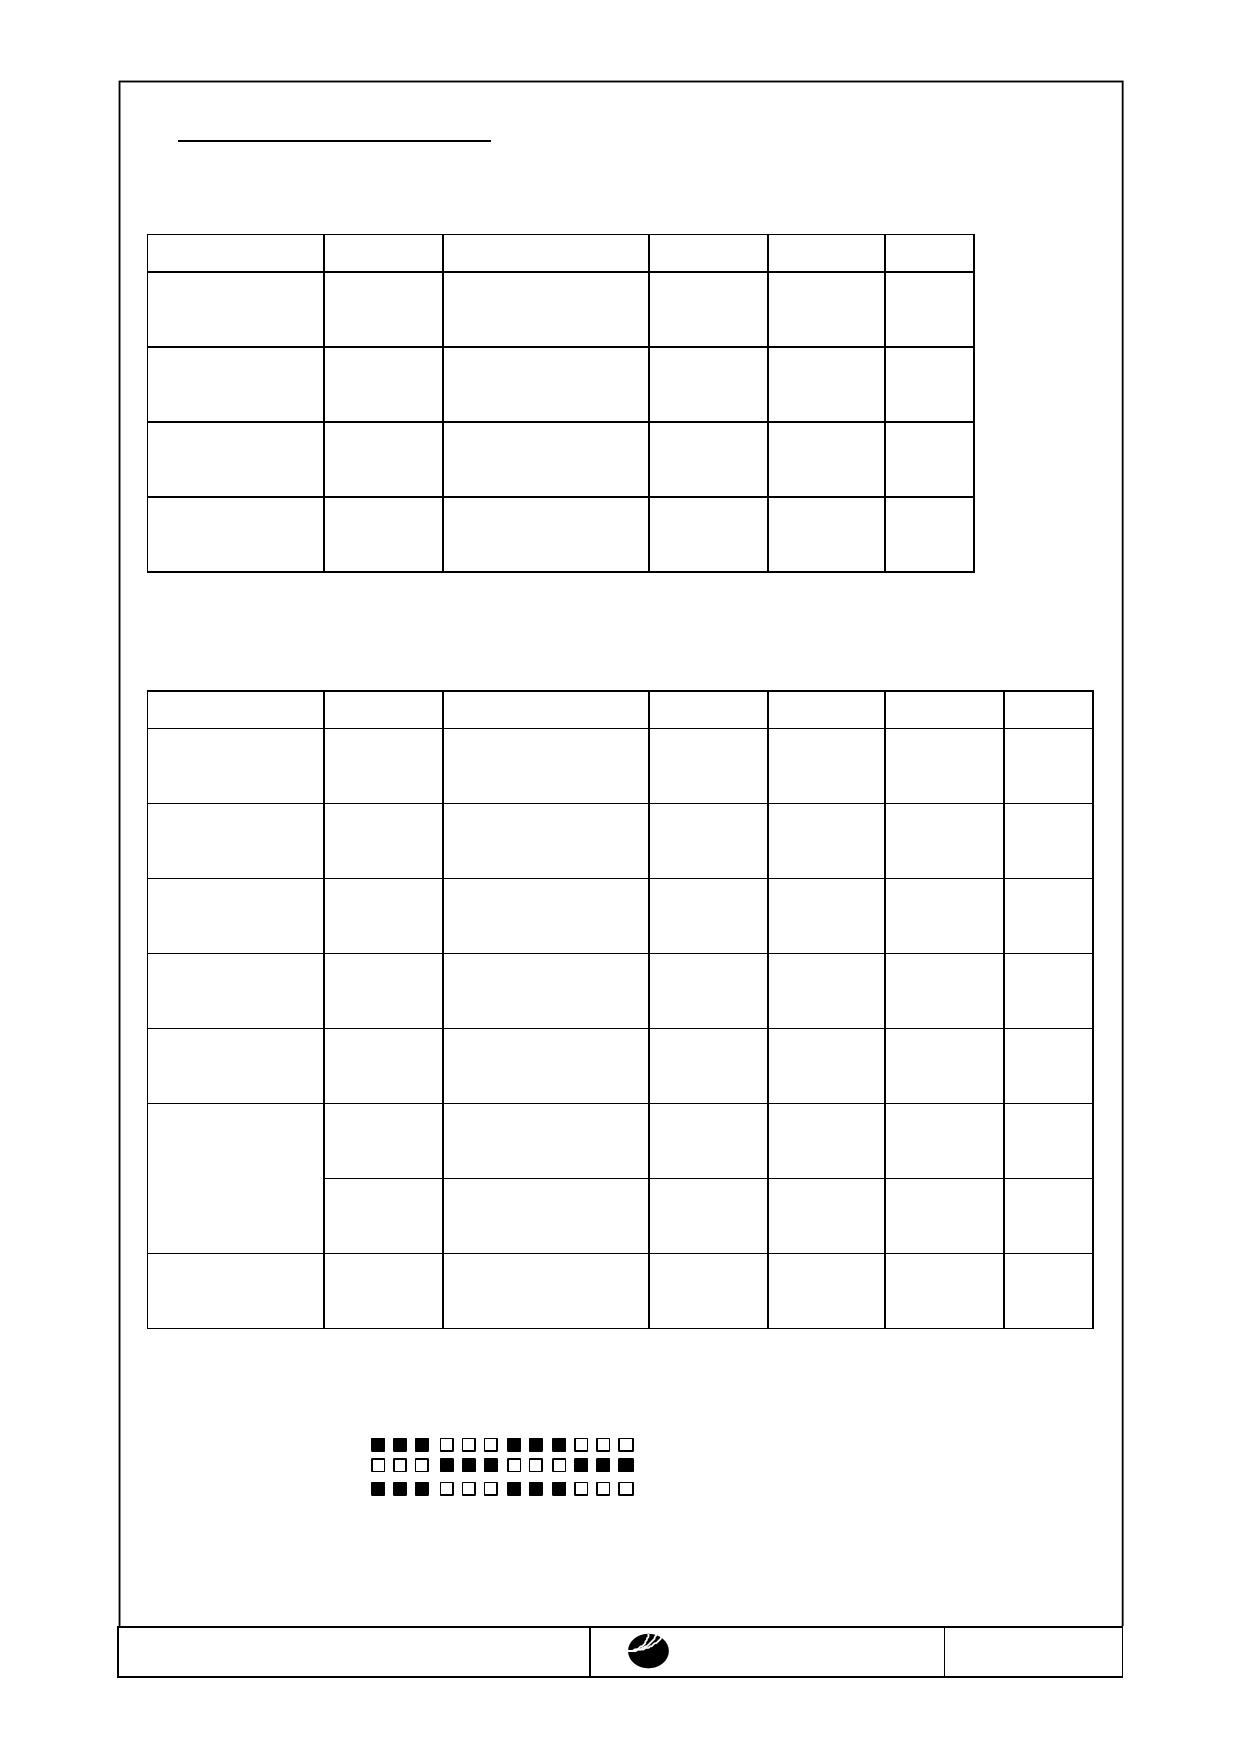 F-51201NC-FW-AA Даташит, Описание, Даташиты